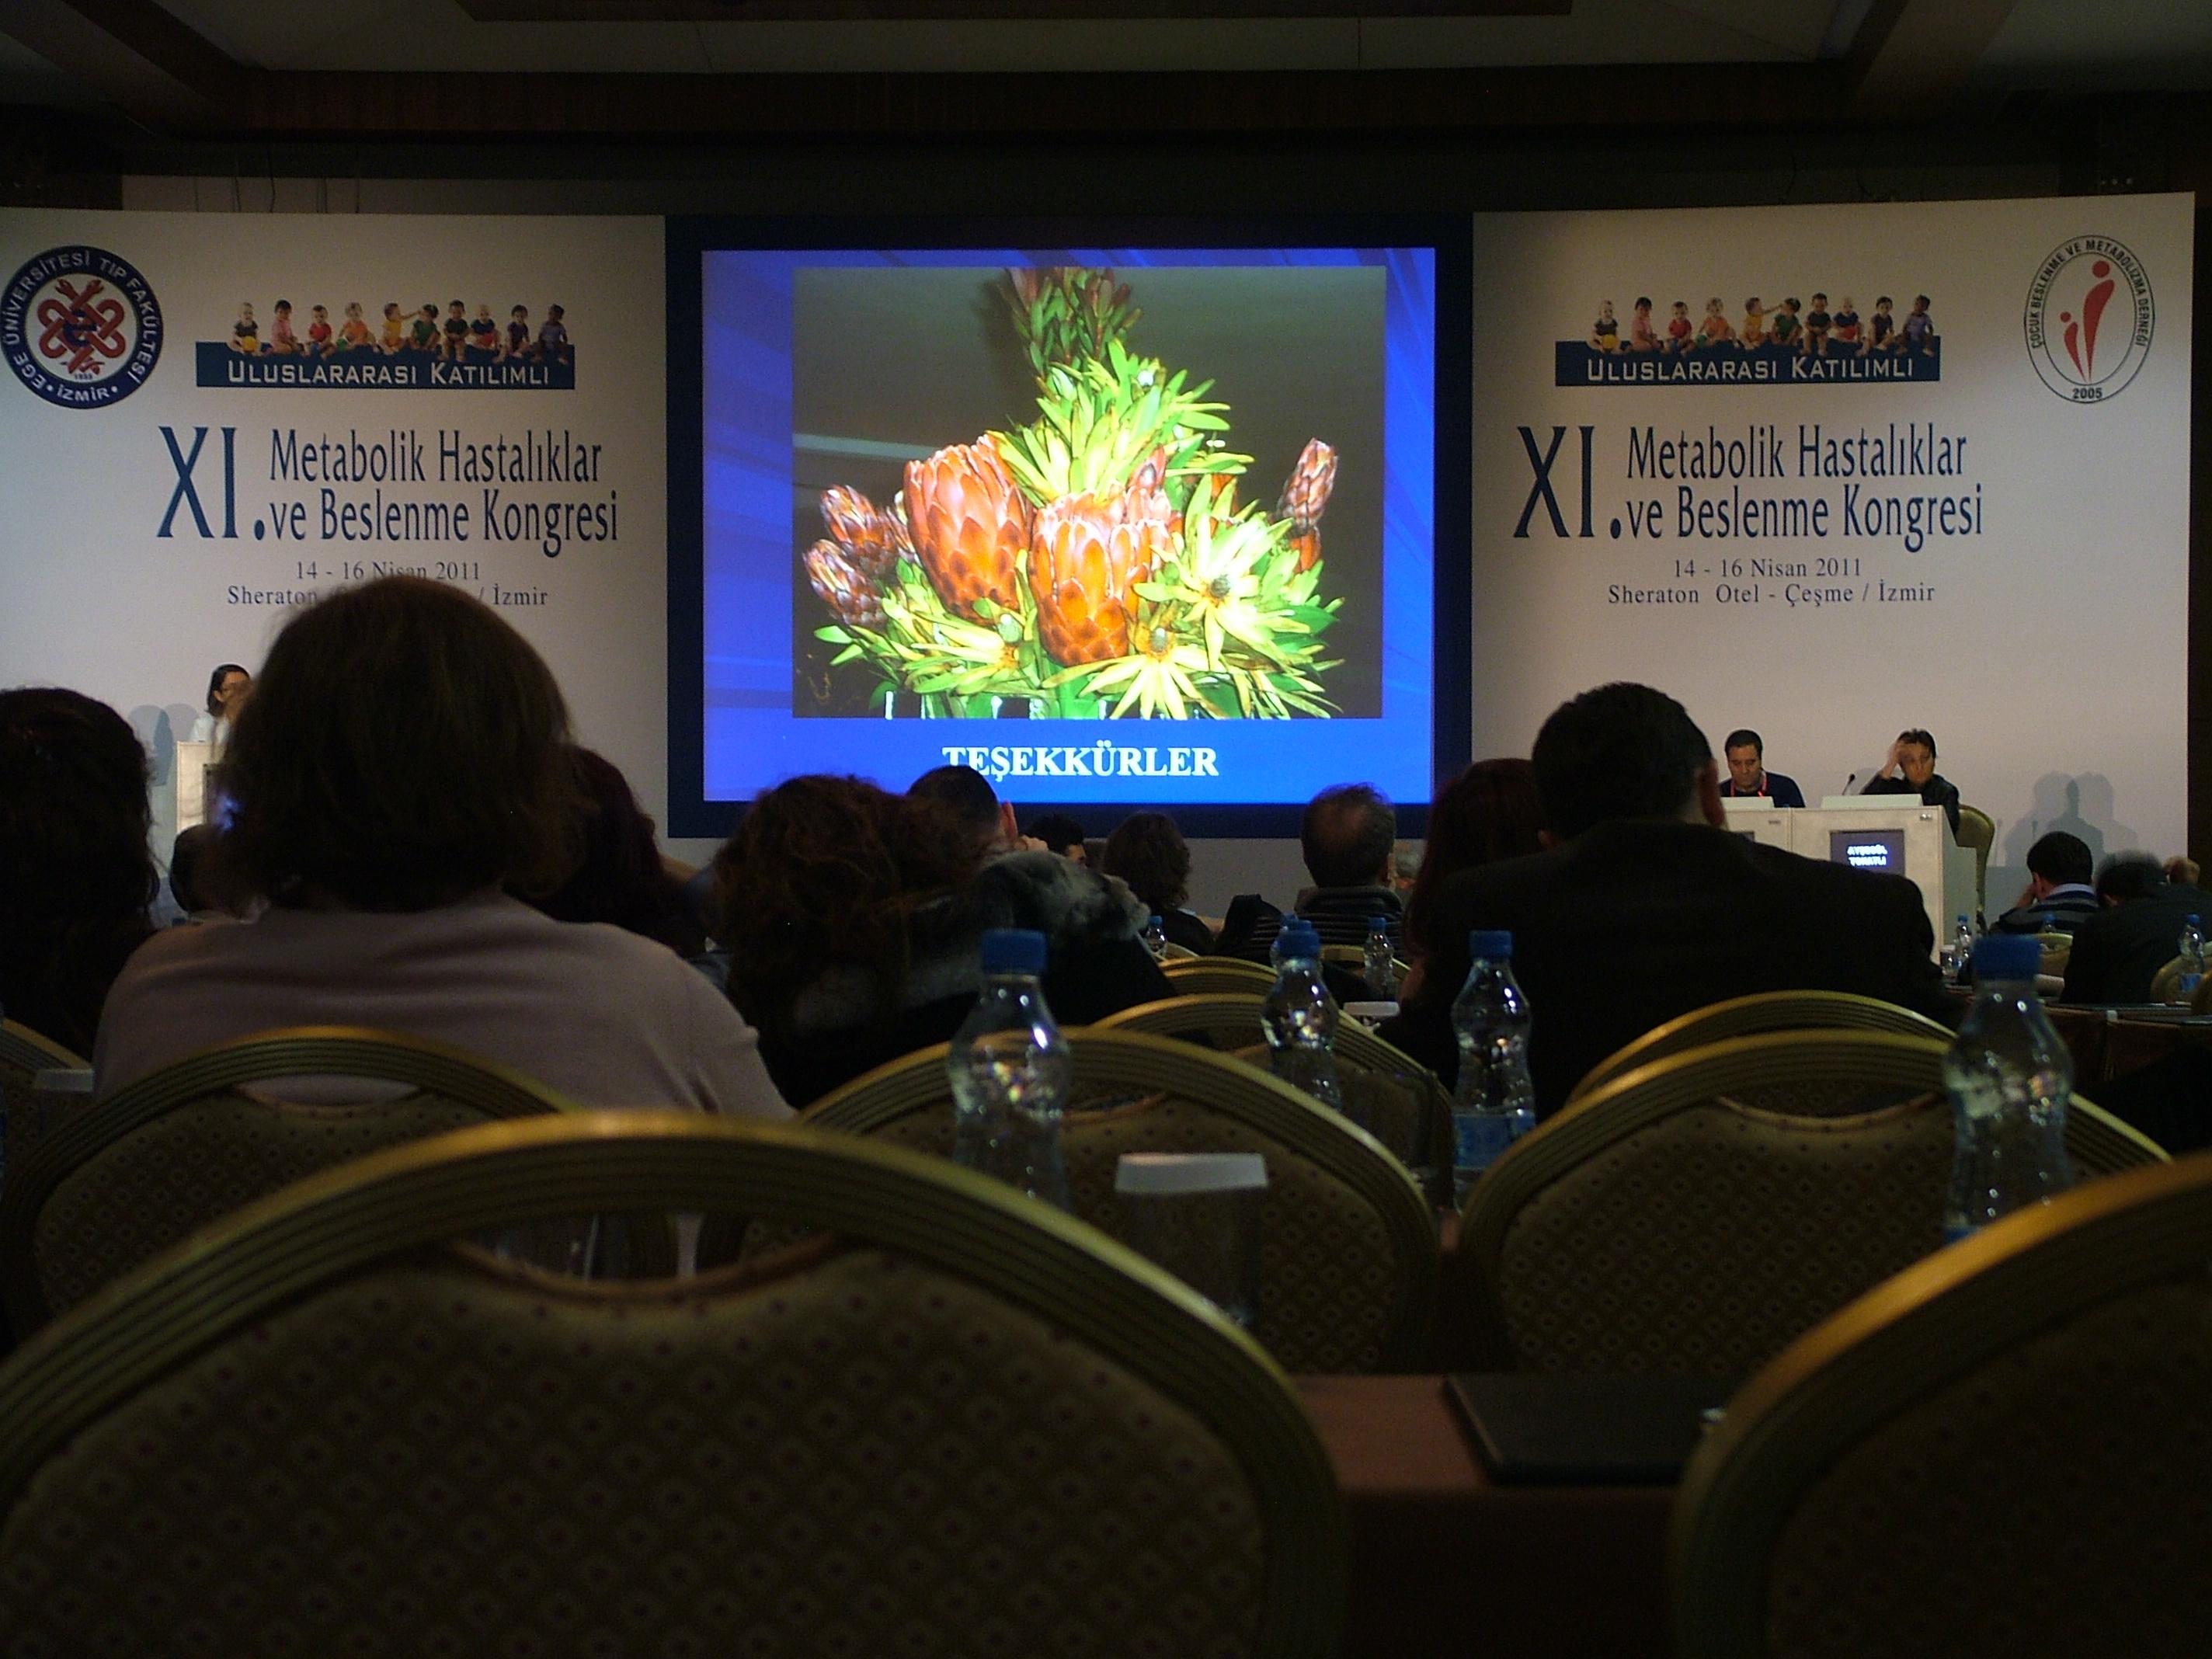 Metabolik hastalıklar kongresi